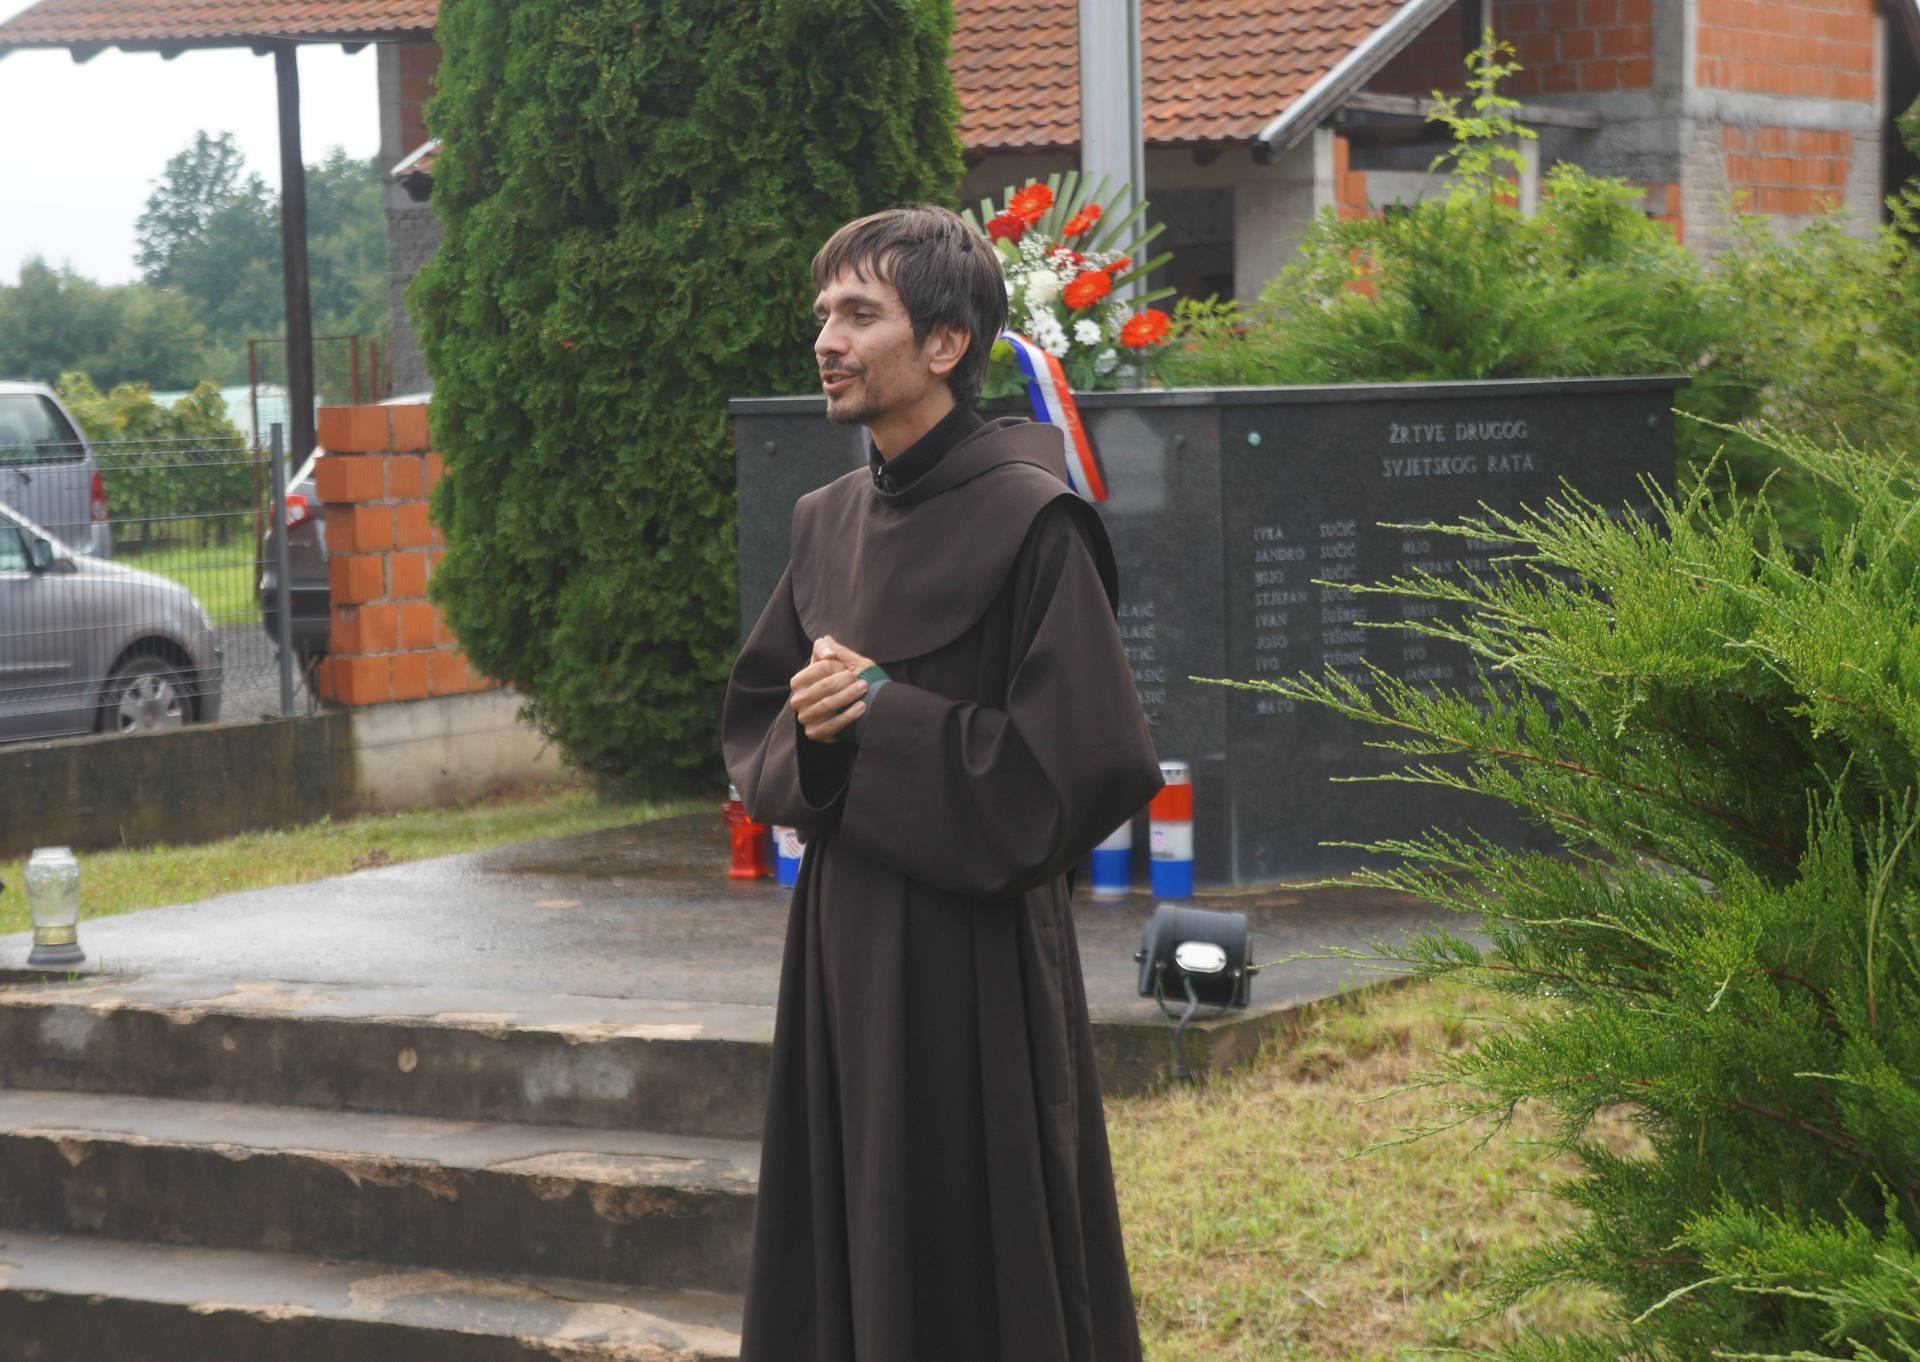 Fra Igor vratio se kući,  bratu je rekao da ne želi biti svećenik